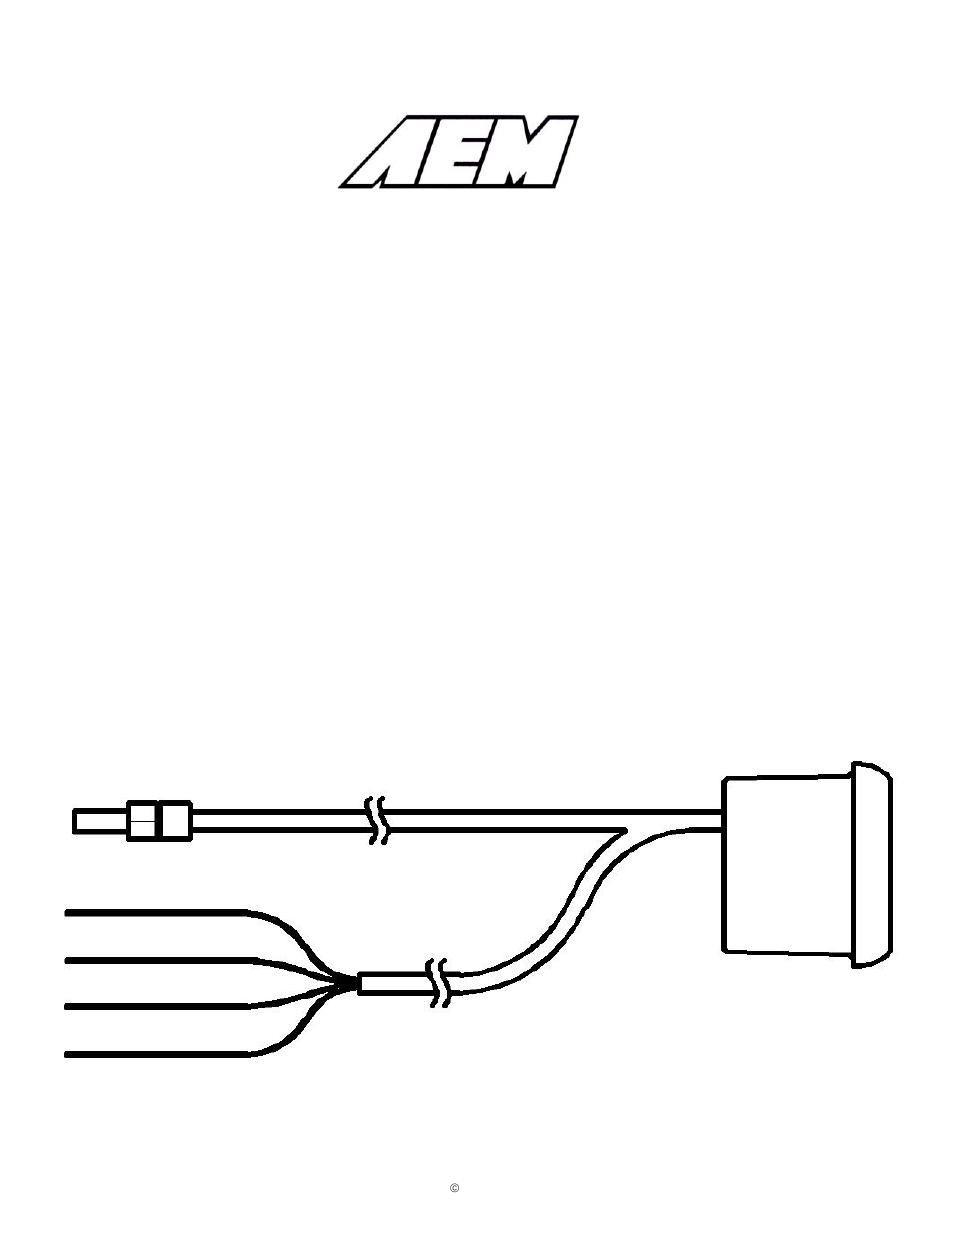 pressure sensor wiring diagram aem 30 4401 digital oil fuel pressure gauge user manual 2 pages unik 5000 pressure sensor wiring diagram oil fuel pressure gauge user manual